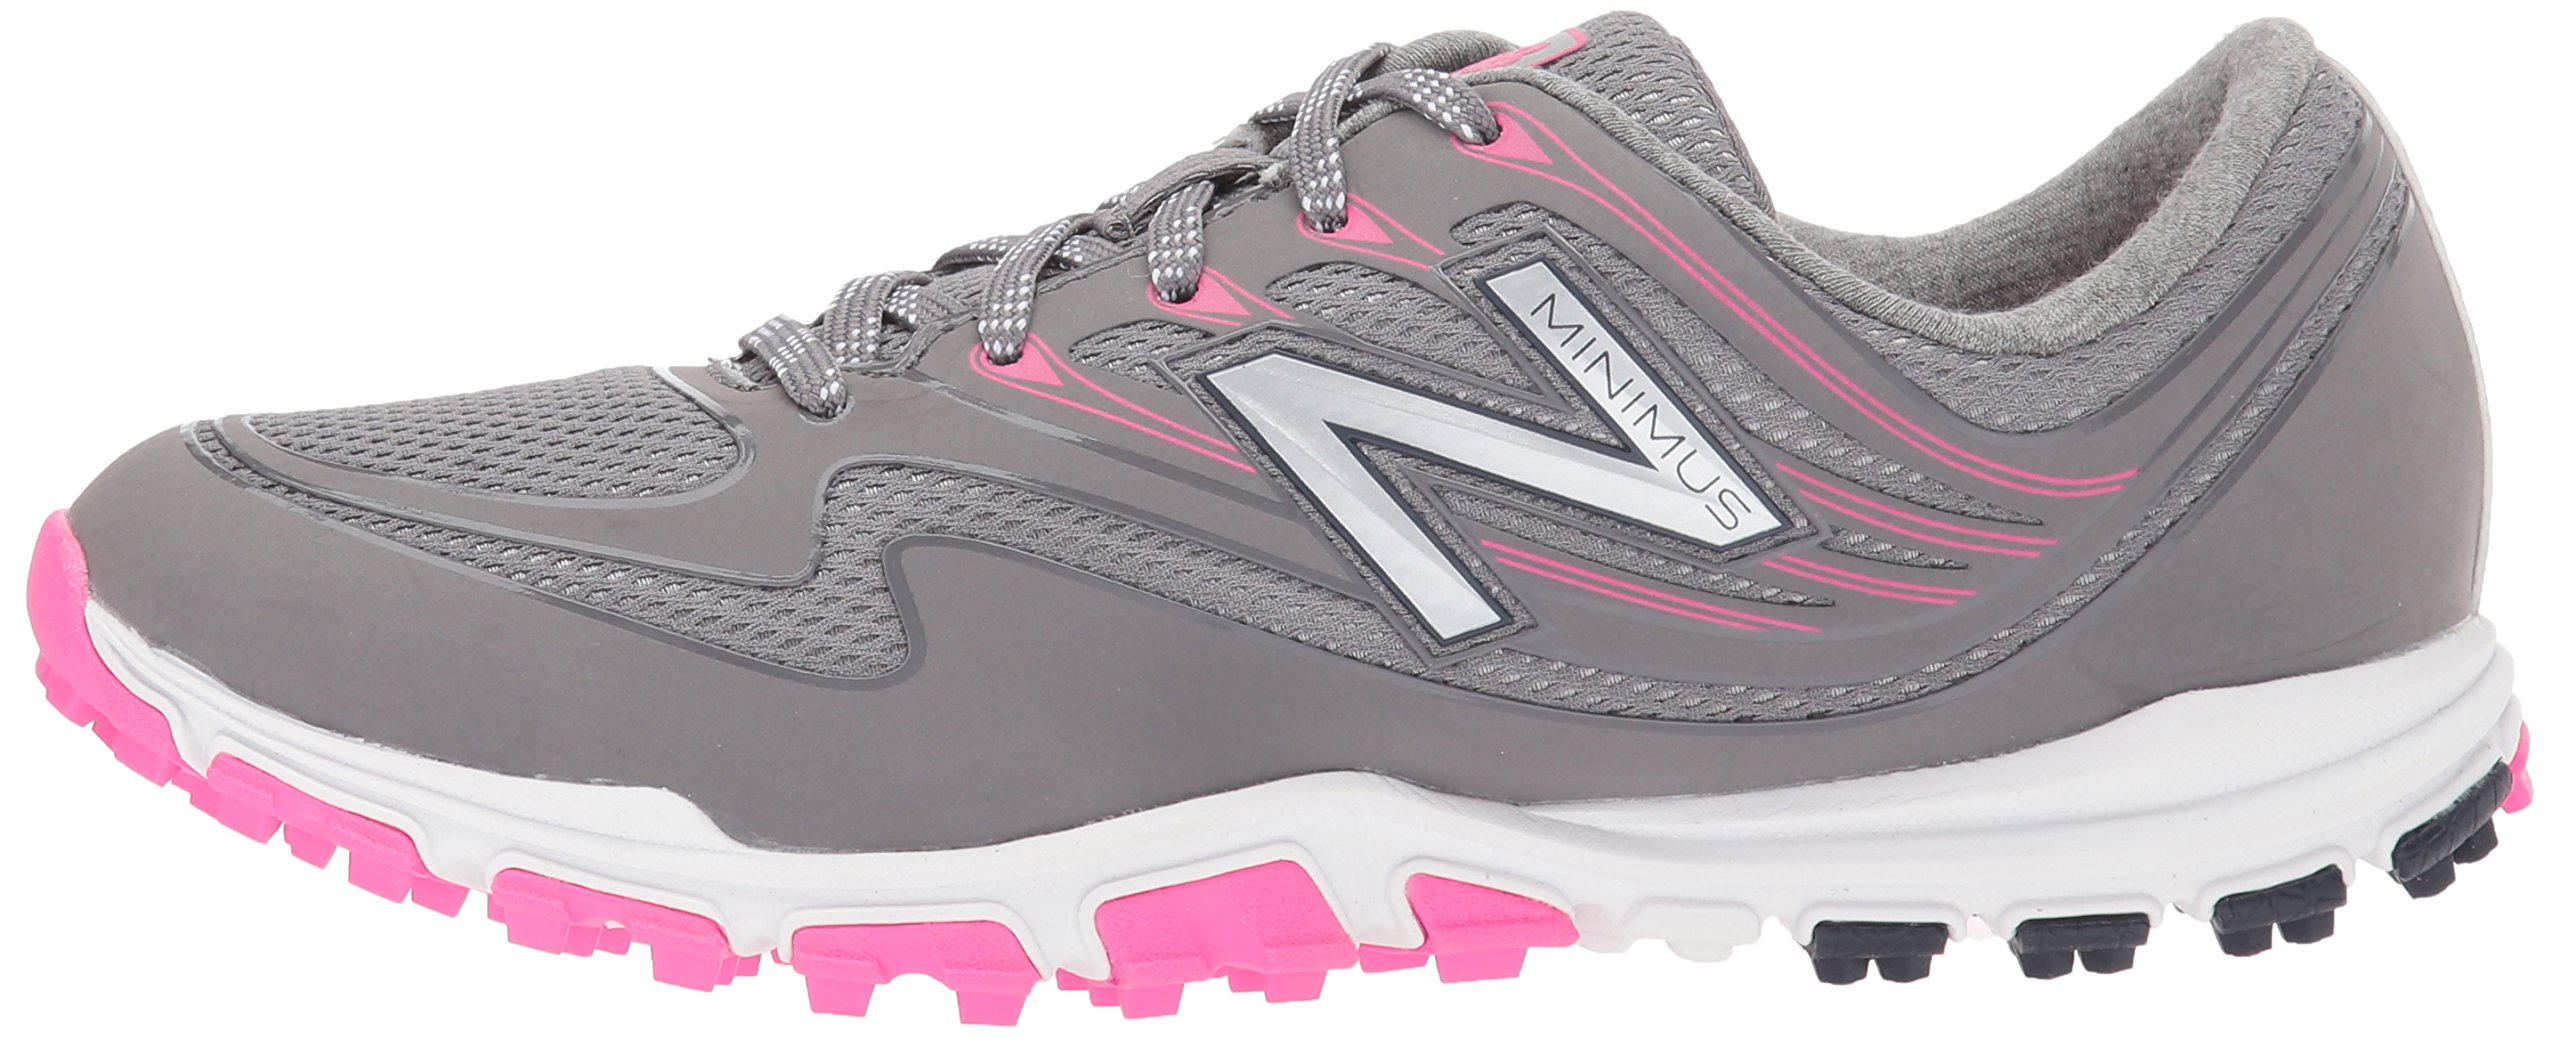 New Balance Women's Minimus Sport Golf Shoe, Pink/Grey, 7.5 B B US by New Balance (Image #5)